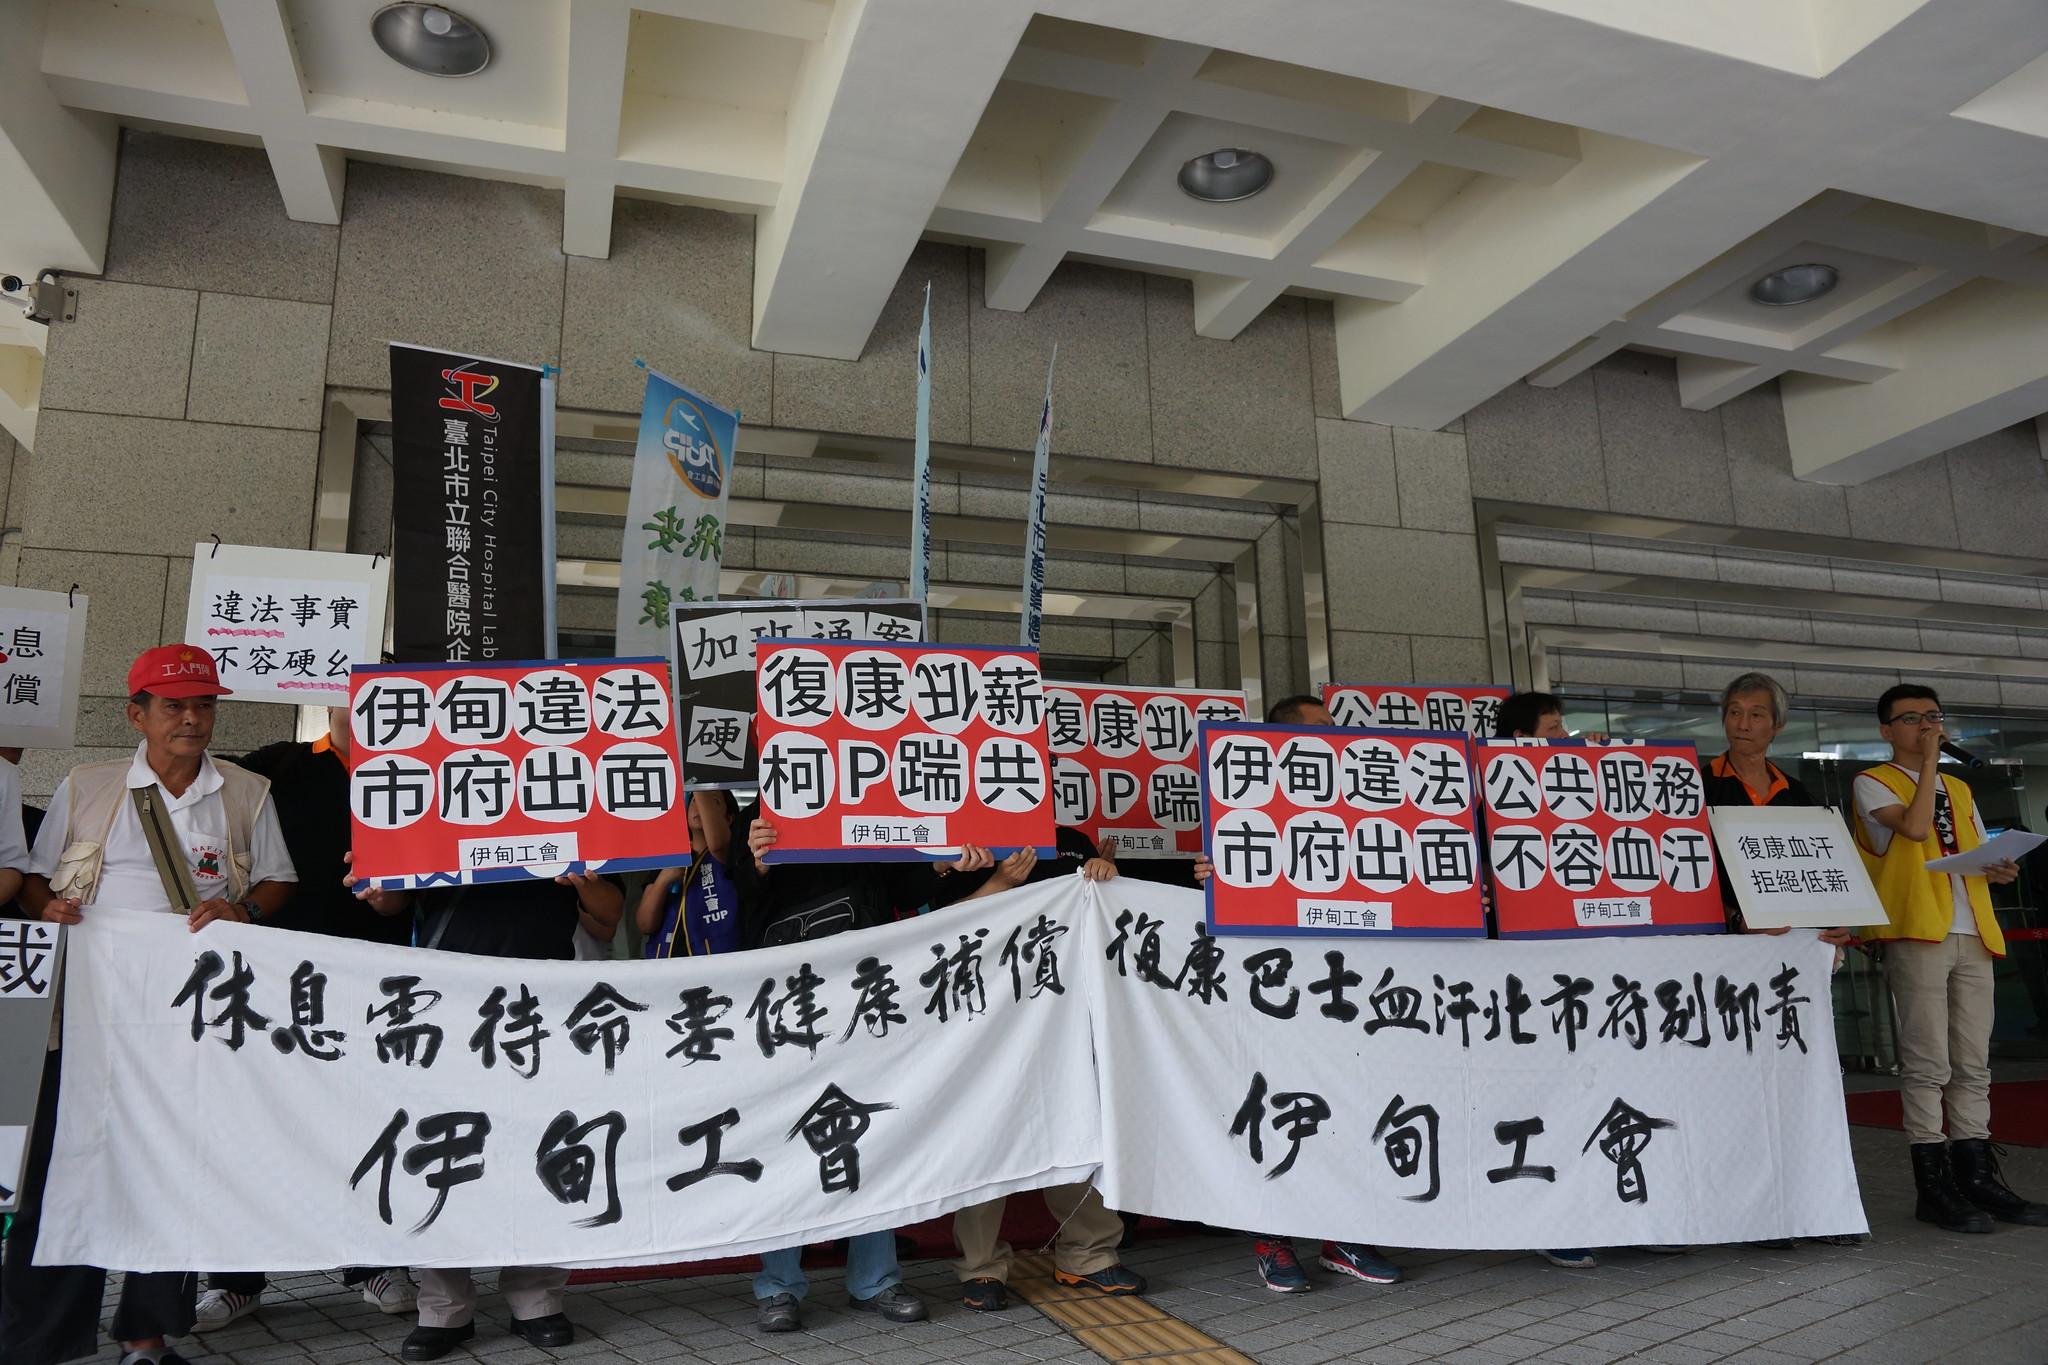 伊甸勞資爭議,工會找上柯文哲,在市議會外陳情。(攝影:王顥中)